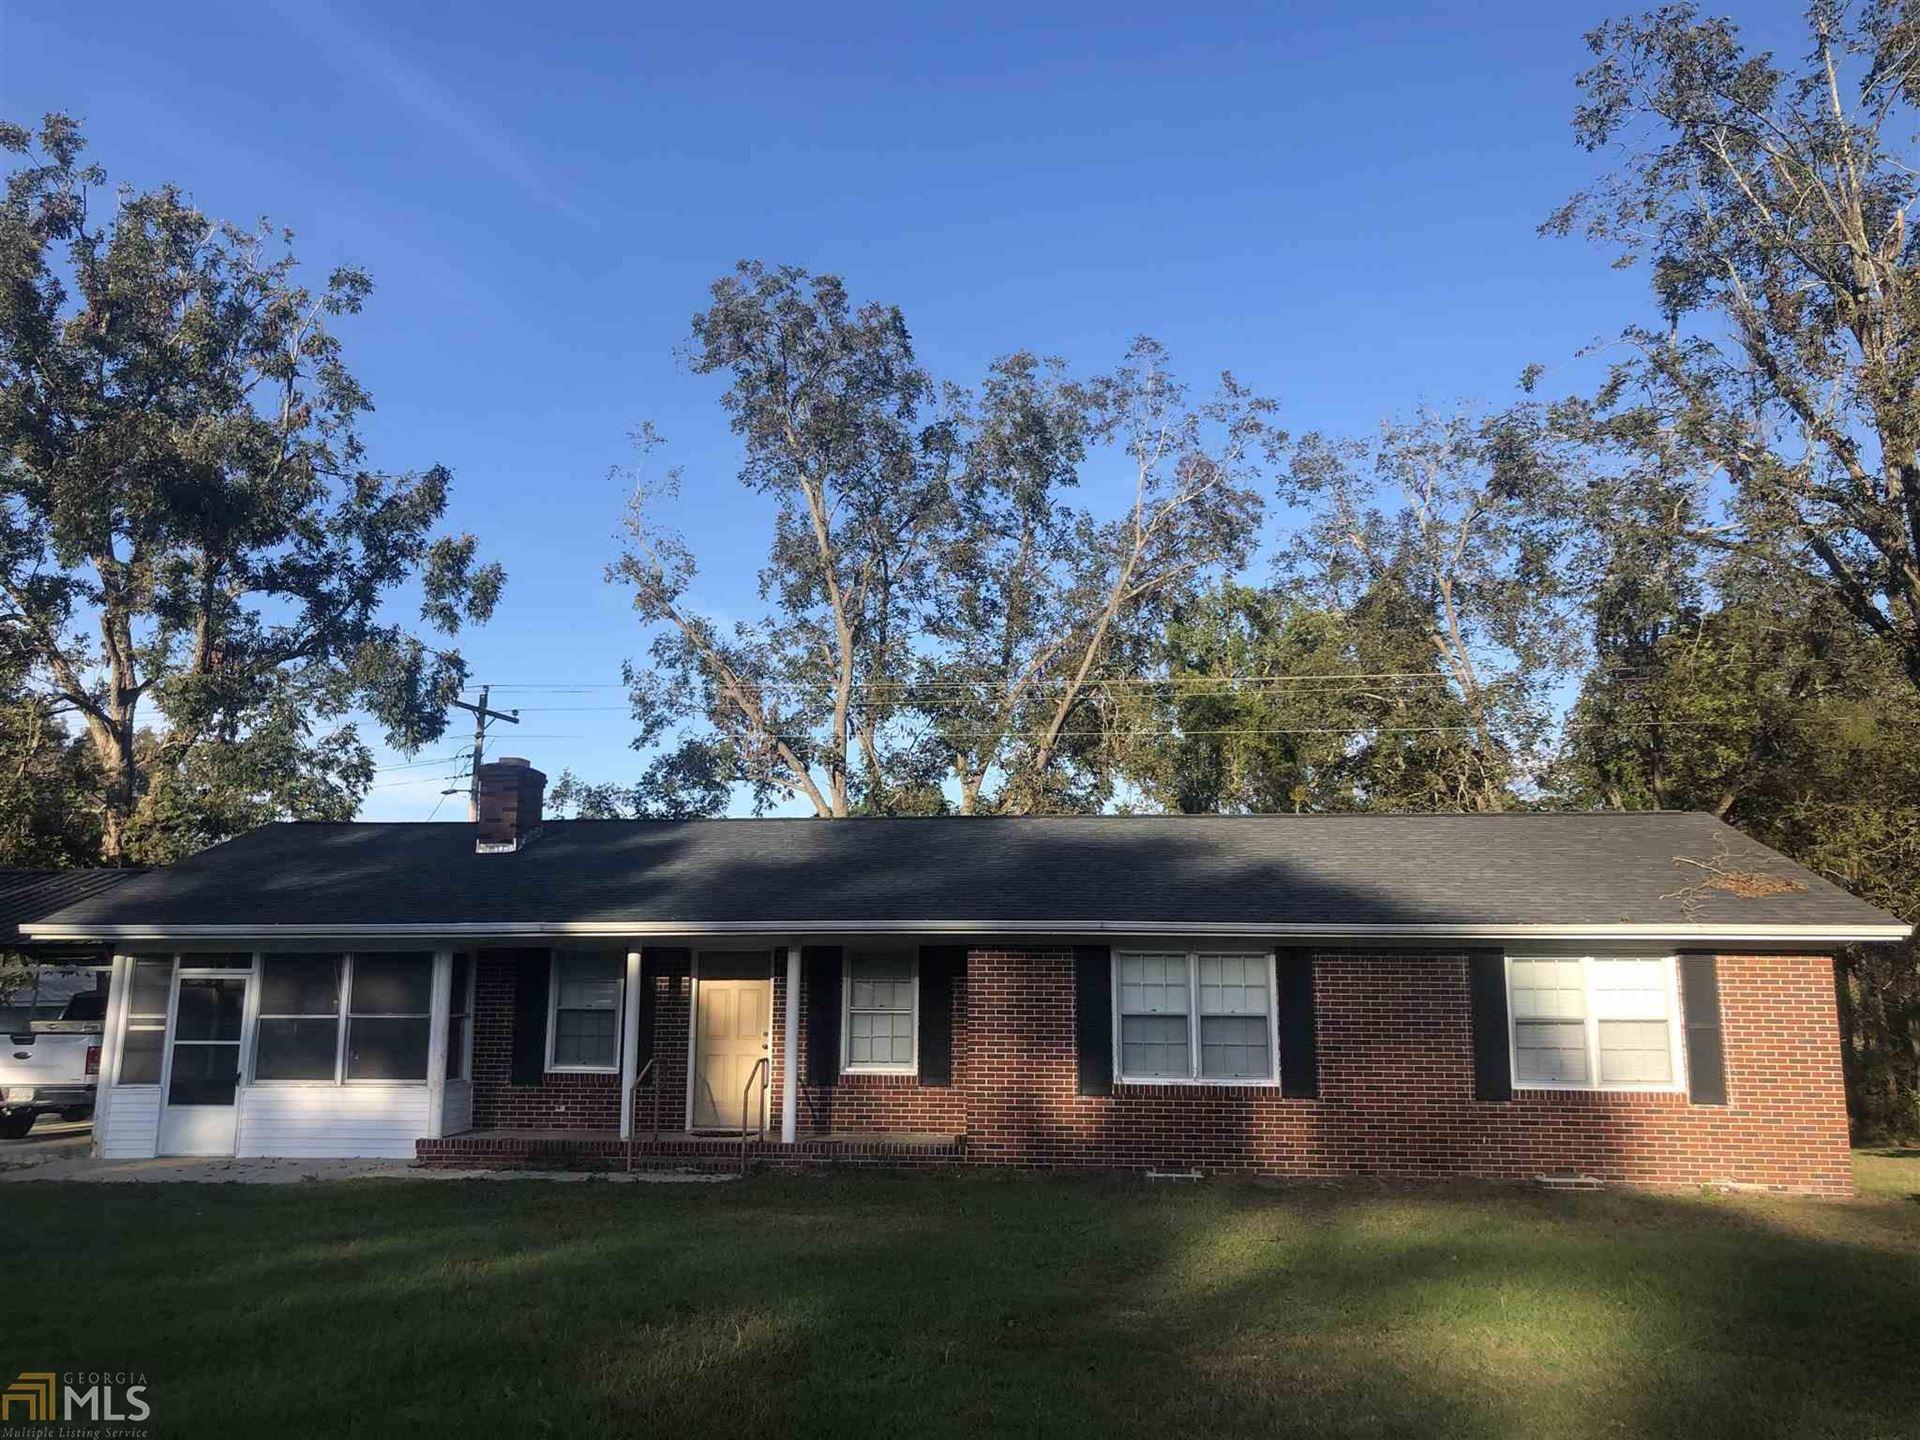 1768 Metts Rd, Statesboro, GA 30461 - #: 8885535